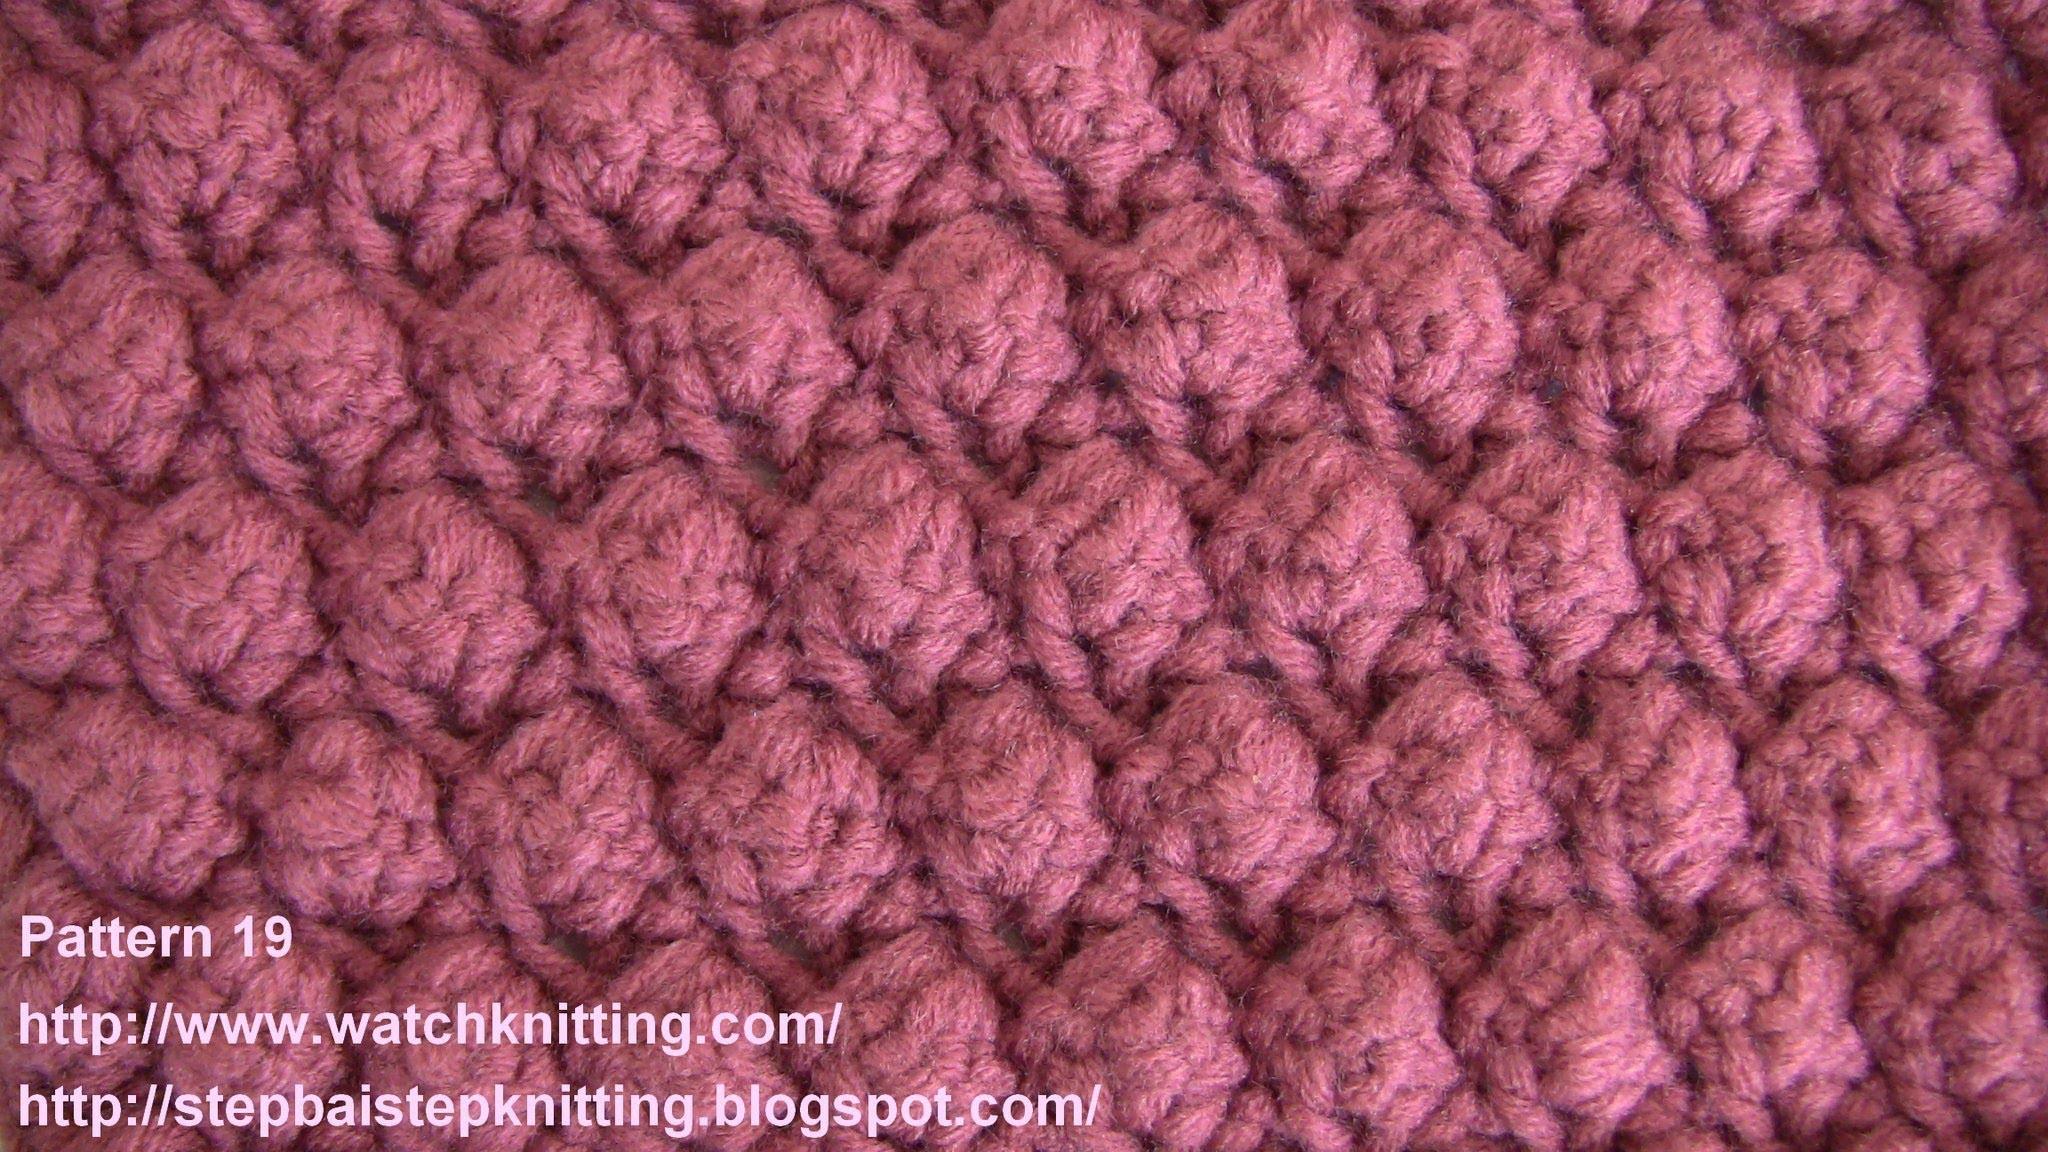 (Grape seed ) - Embossed Knitting Patterns- Free Knitting Tutorials - Watch Knitting- pattern 19